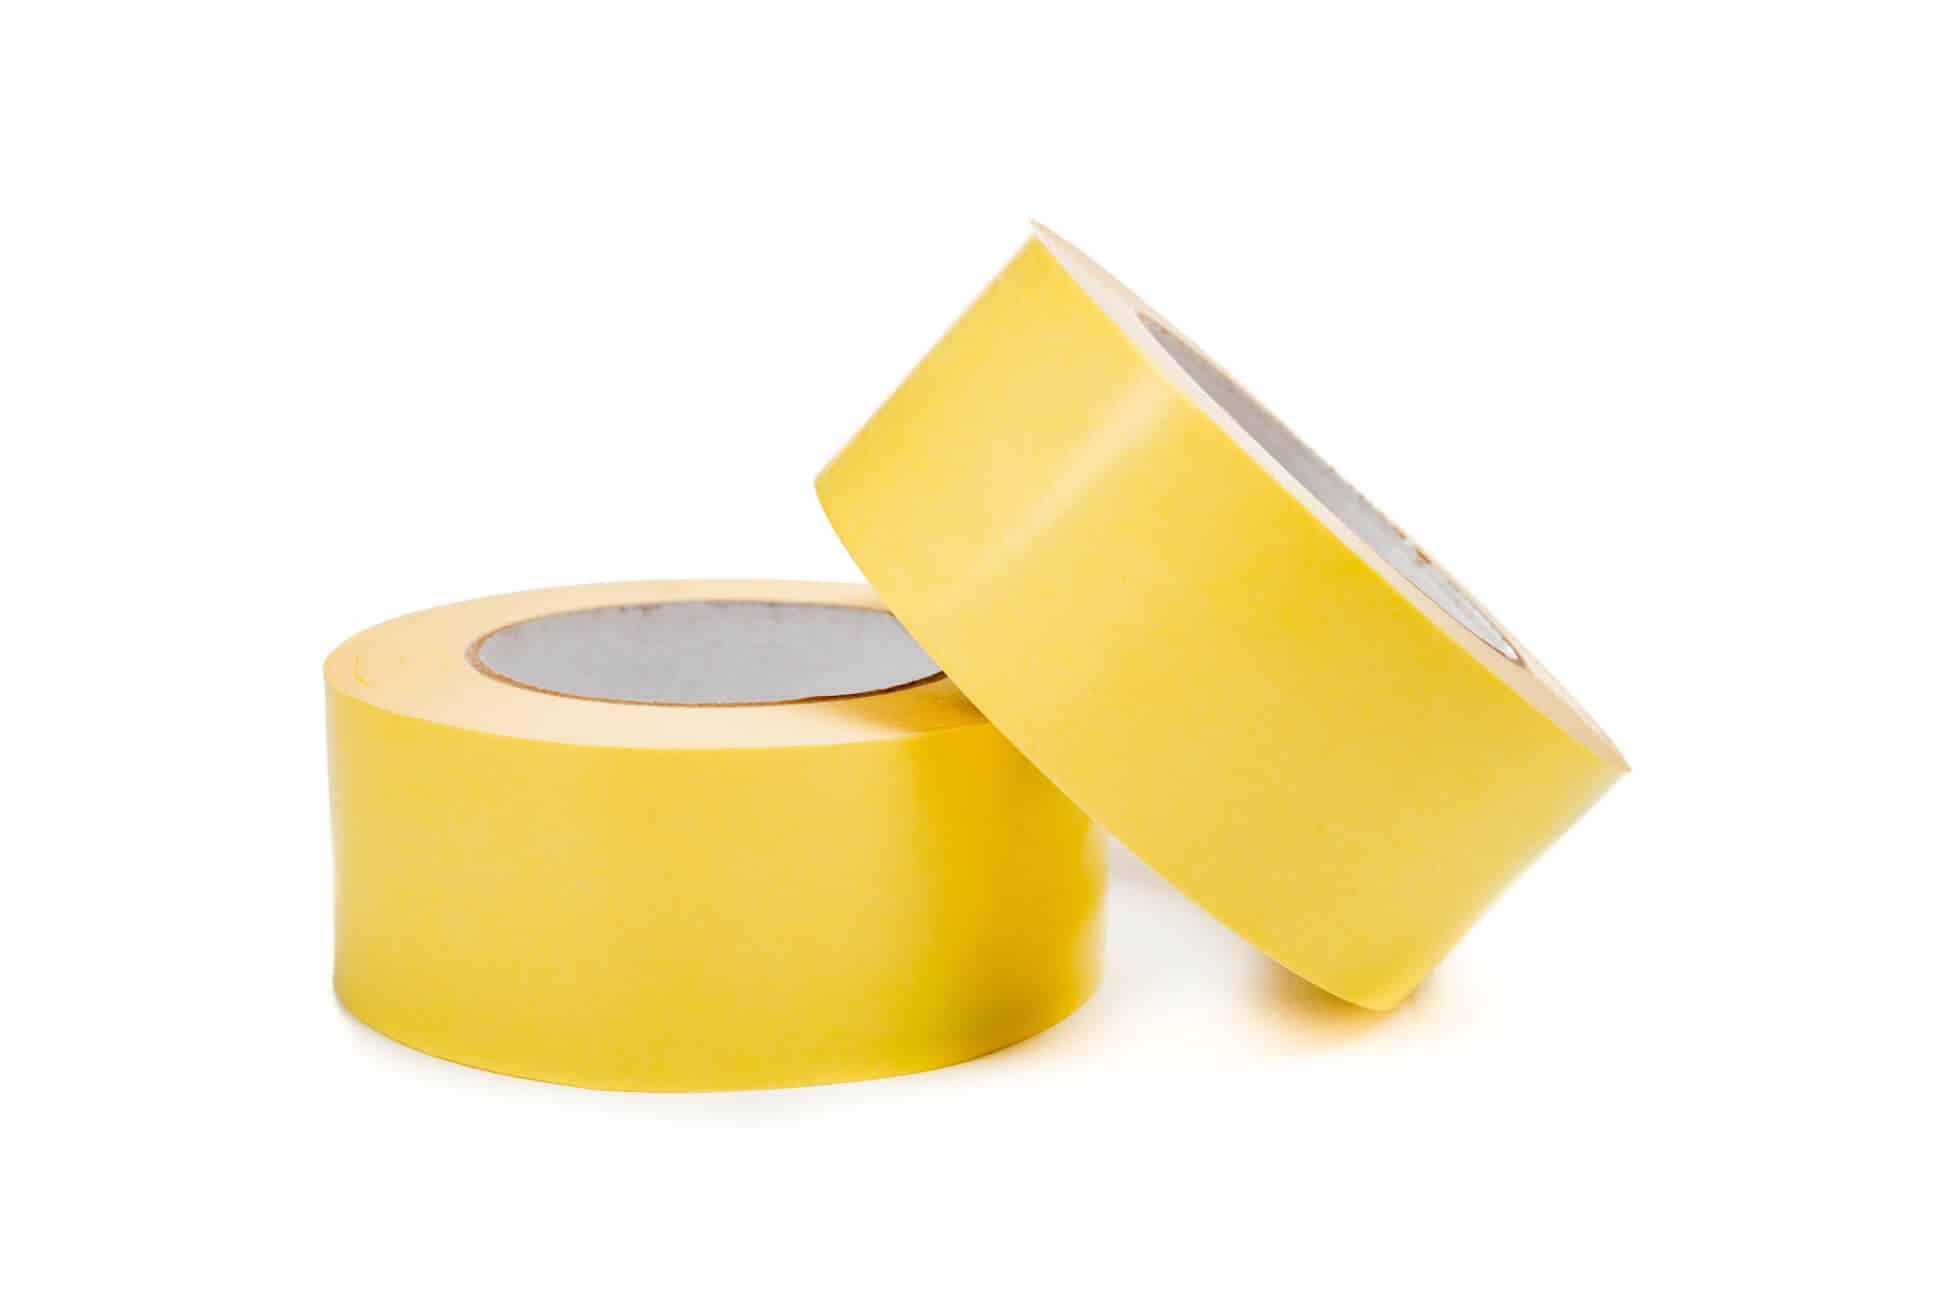 Fendwrap F-Tape - Double Sided